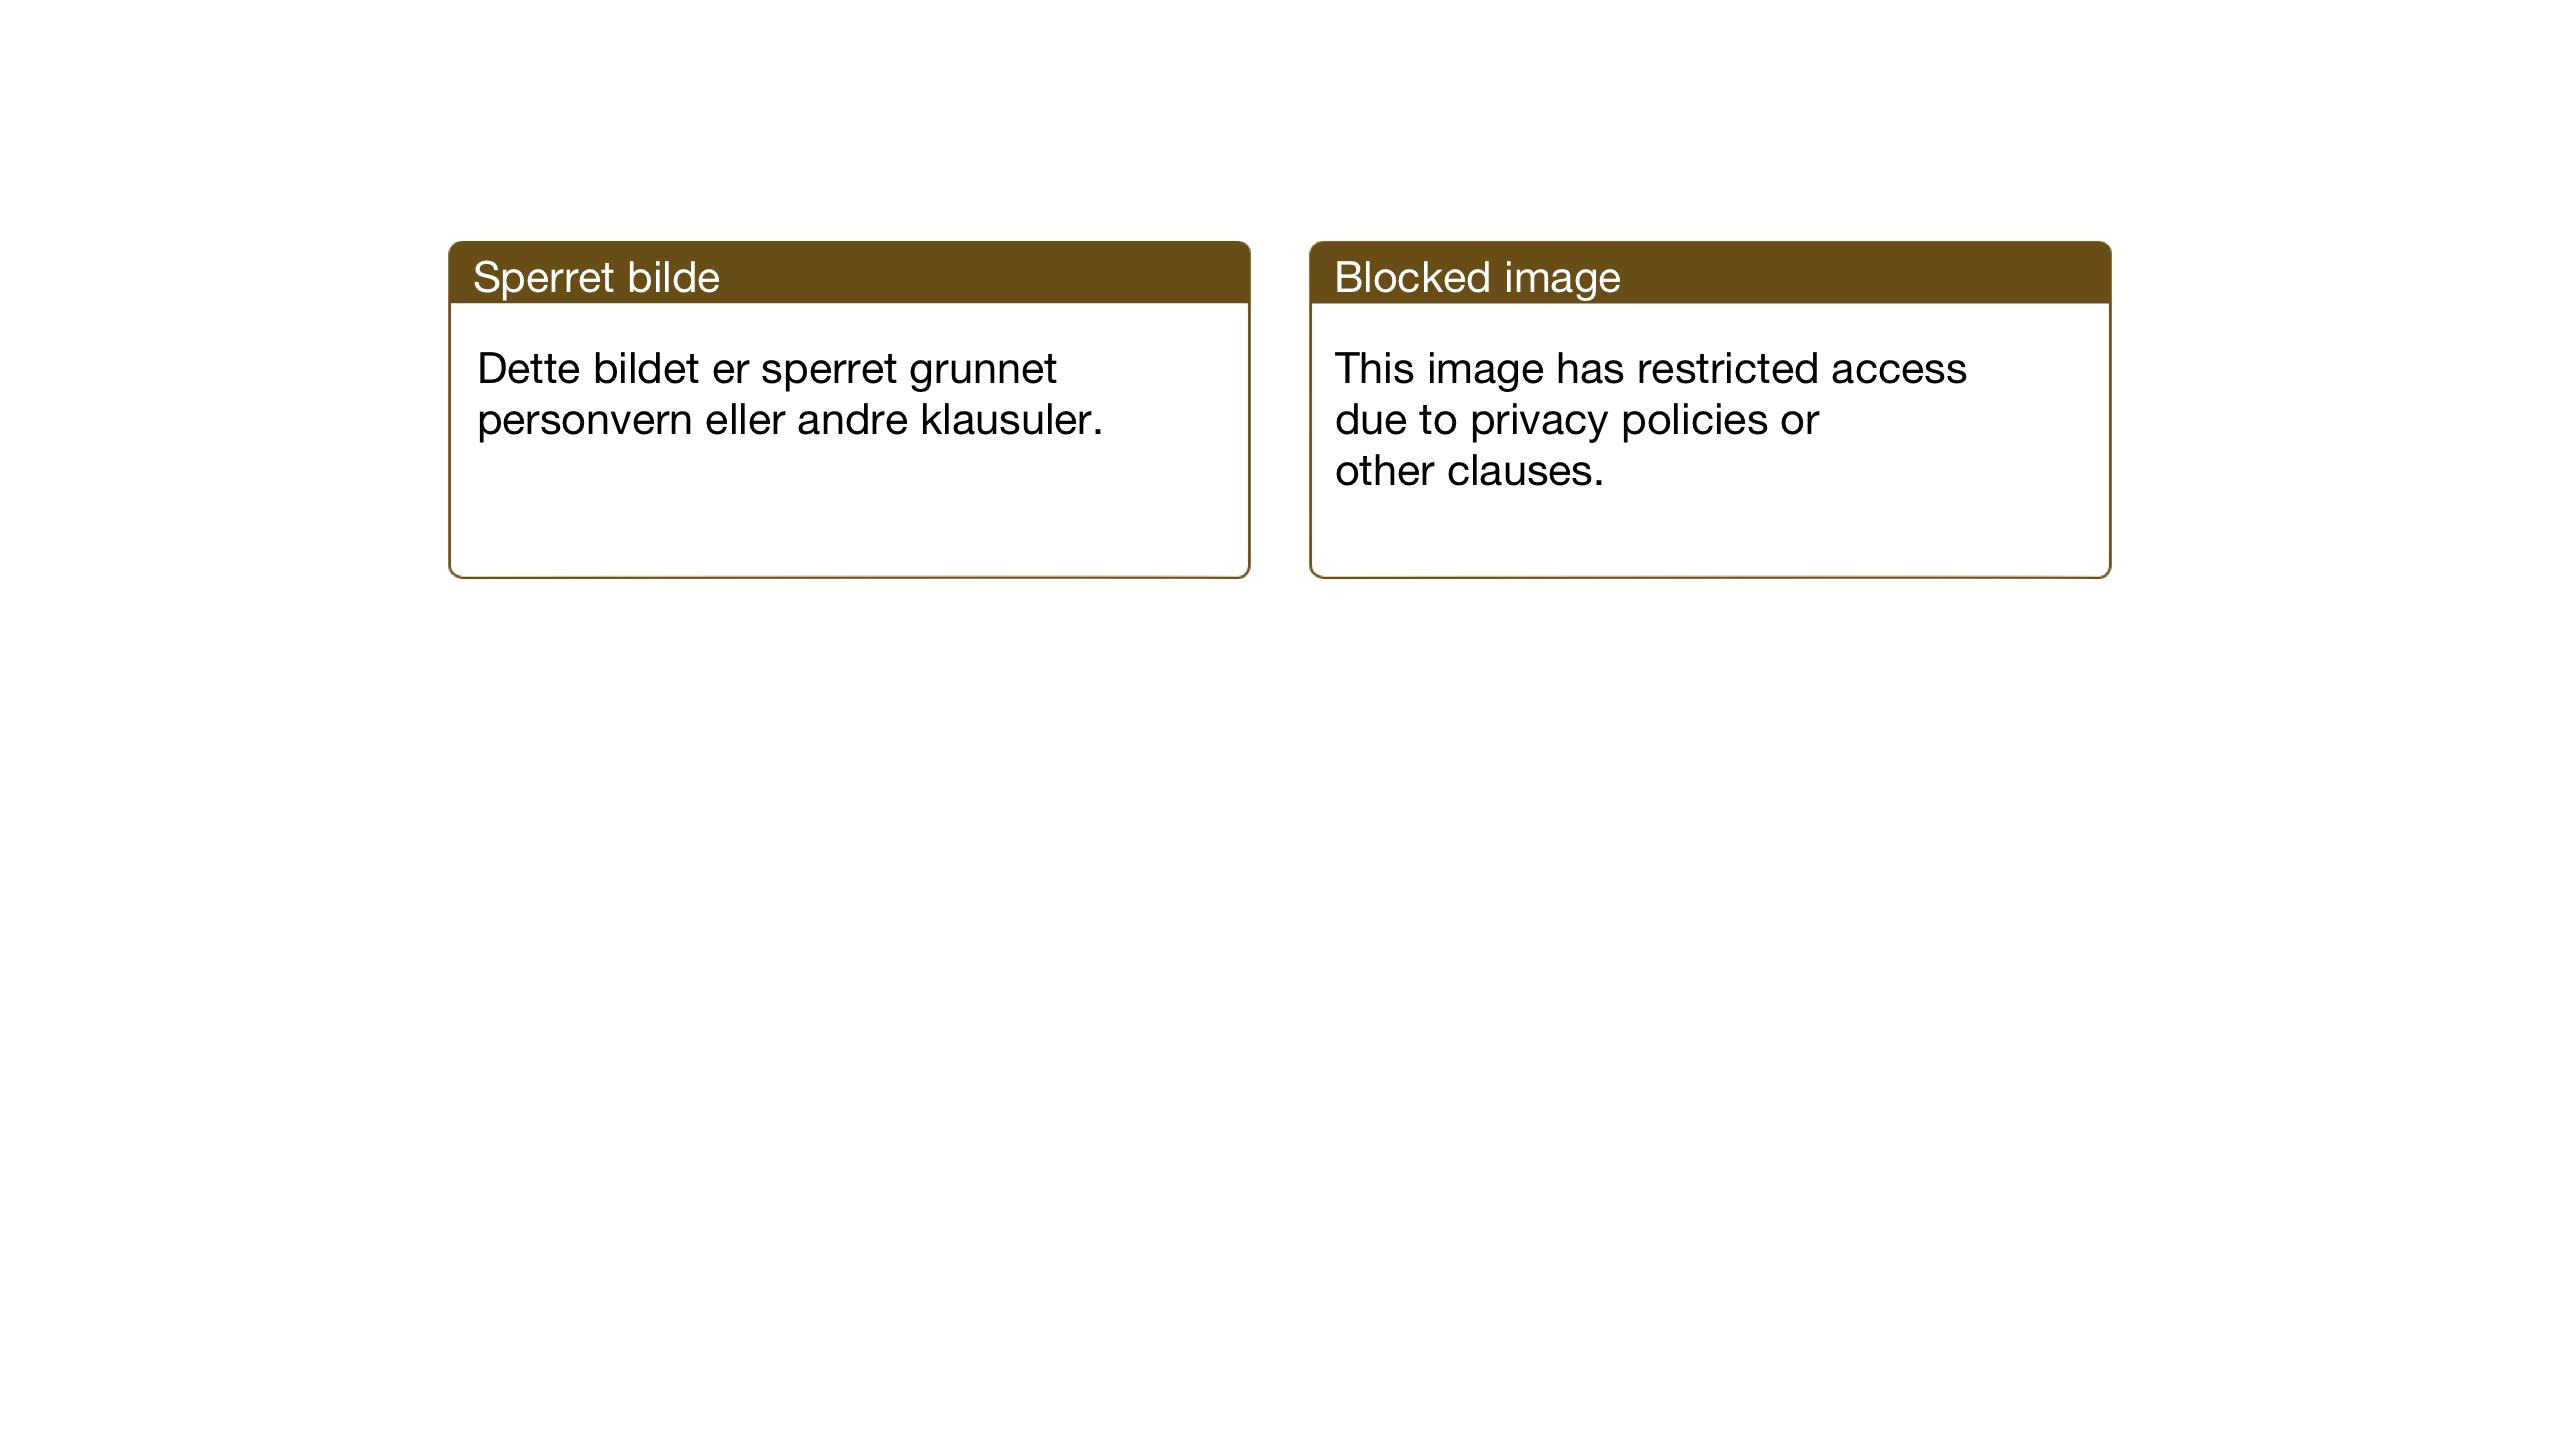 SAT, Ministerialprotokoller, klokkerbøker og fødselsregistre - Sør-Trøndelag, 637/L0564: Klokkerbok nr. 637C05, 1928-1968, s. 227